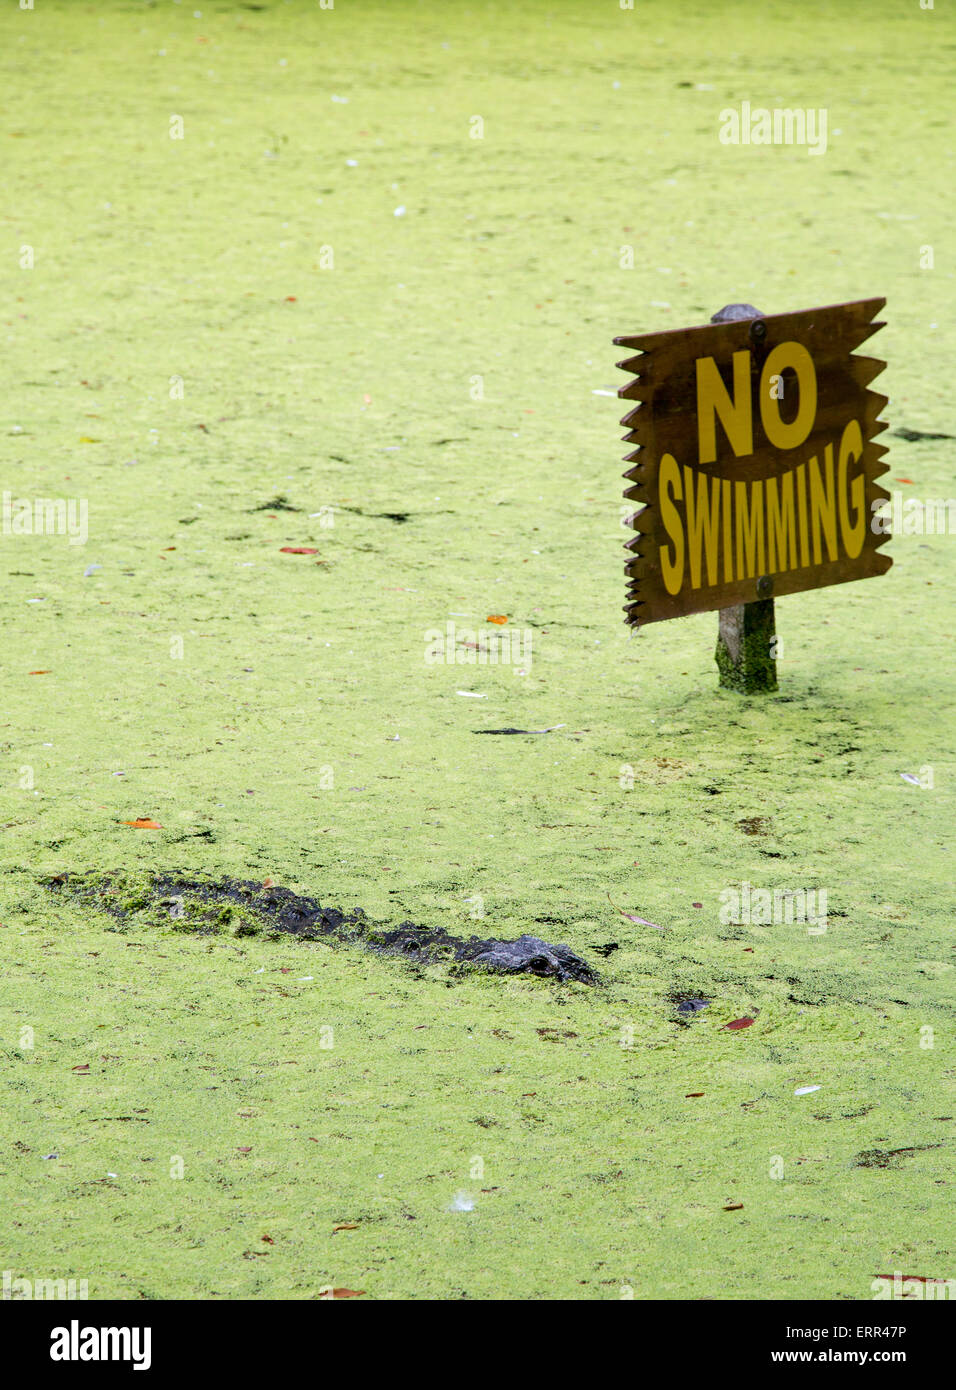 Homosassa Springs, Floride - un alligator dans une lagune à côté d'un 'Non'' signe Photo Stock